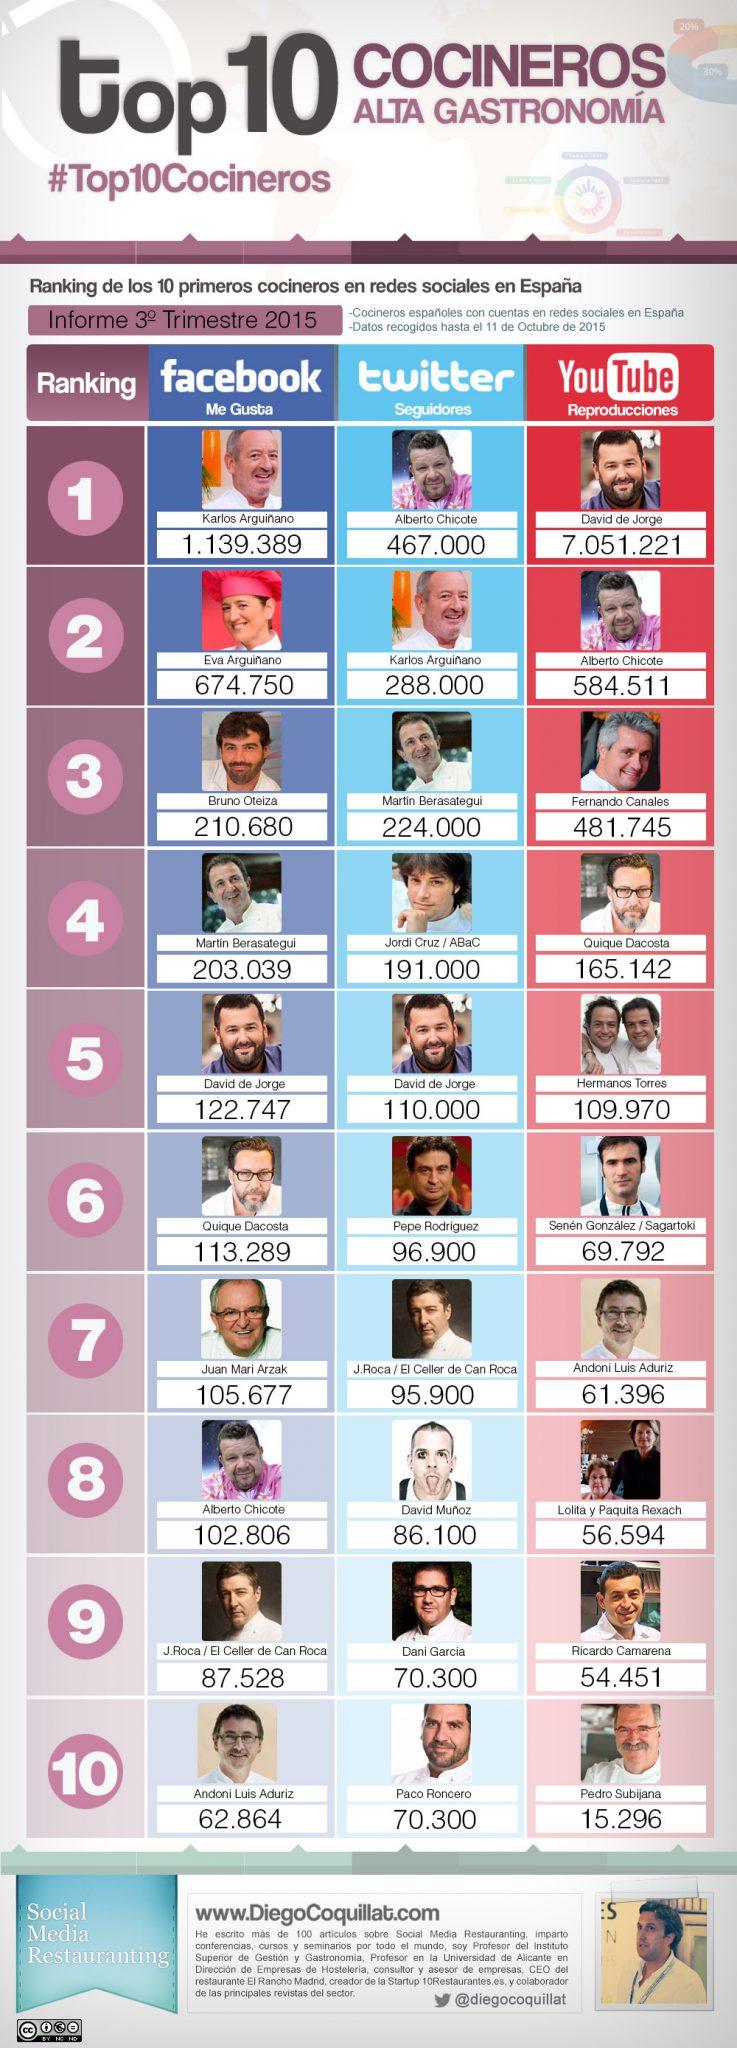 #Top10Cocineros3T15 Mejores cocineros en redes sociales en España